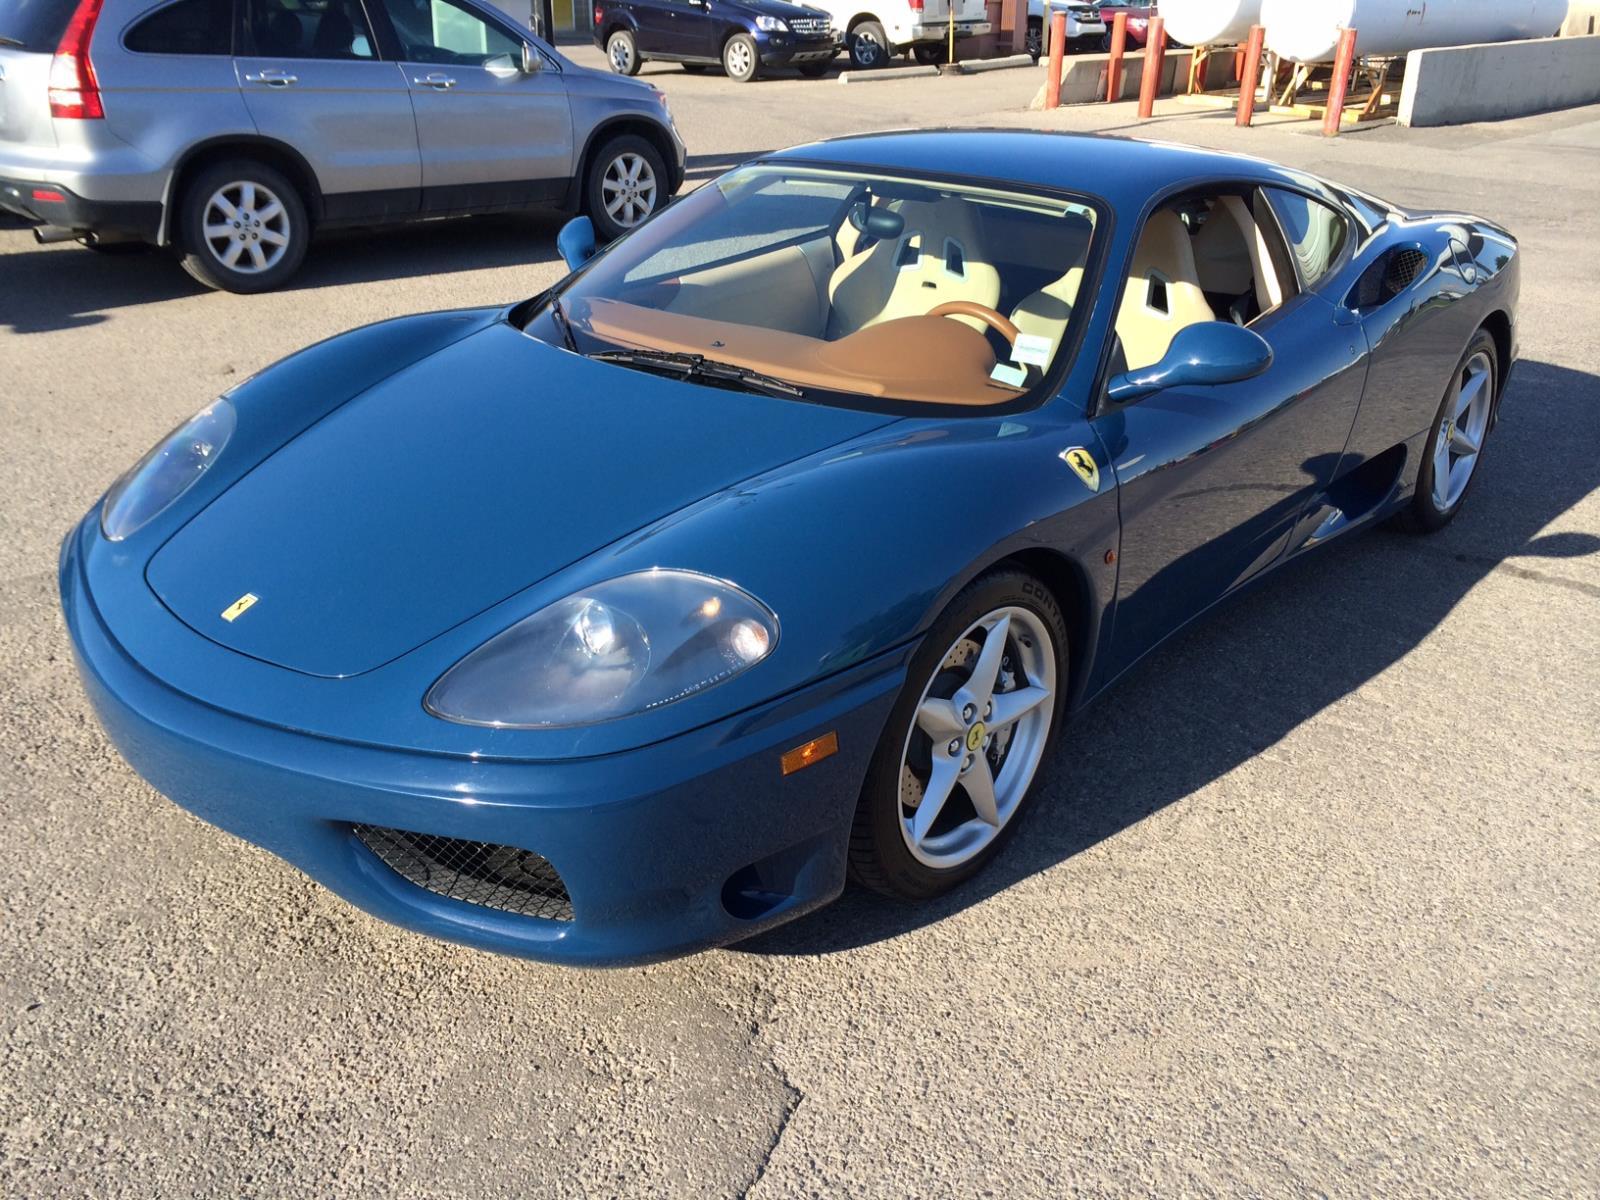 Finance 2001 Ferrari 360 Modena 360 Modena In Edmonton Alberta 77 988